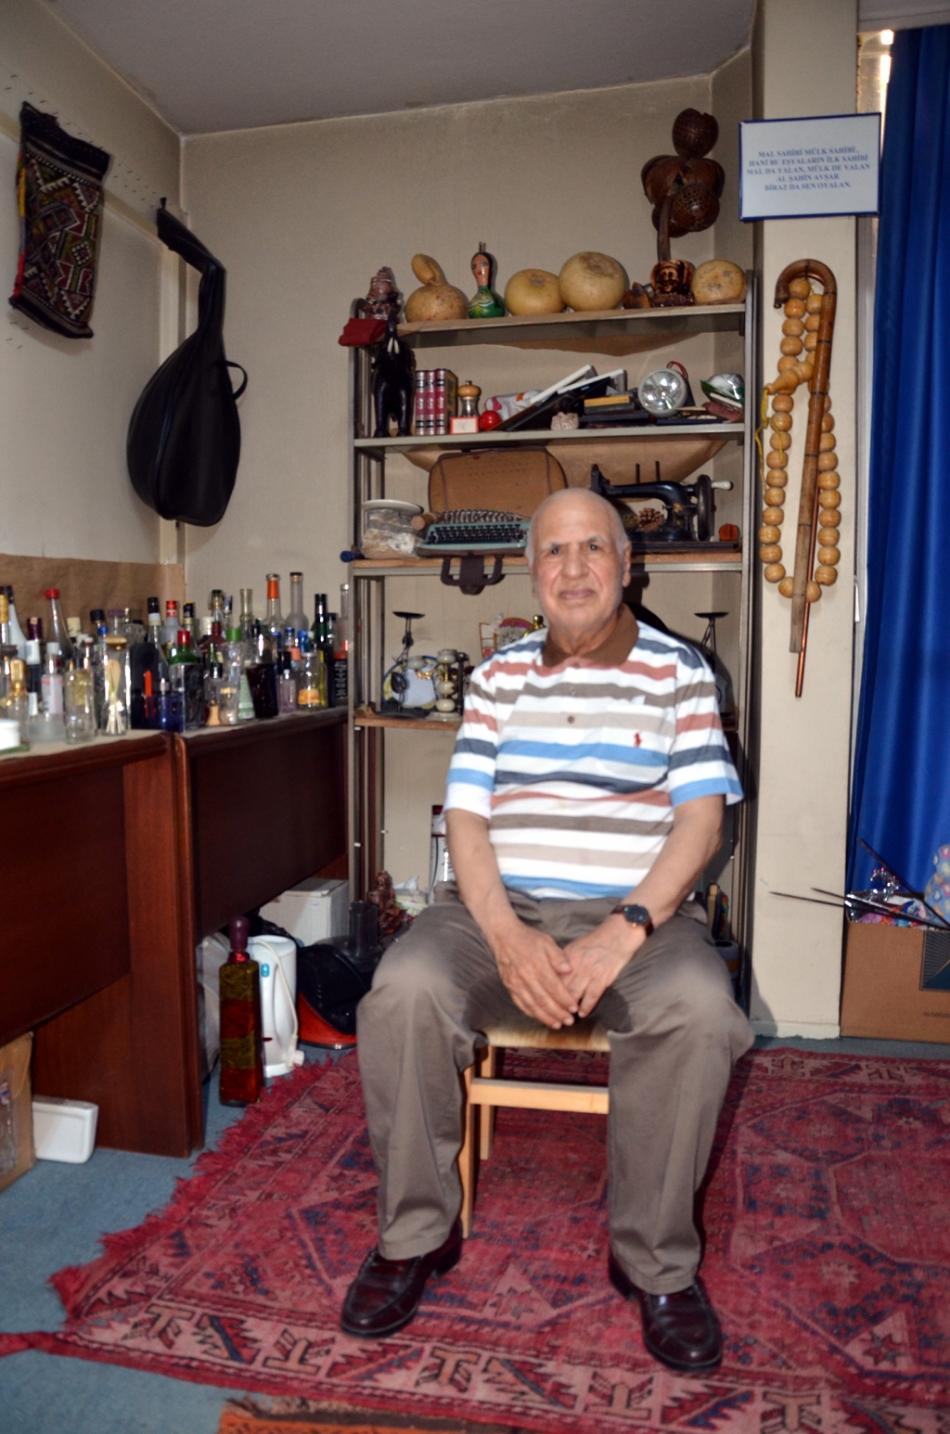 2020/08/1596459280_sahin_avsar_ardahan_(11).jpg